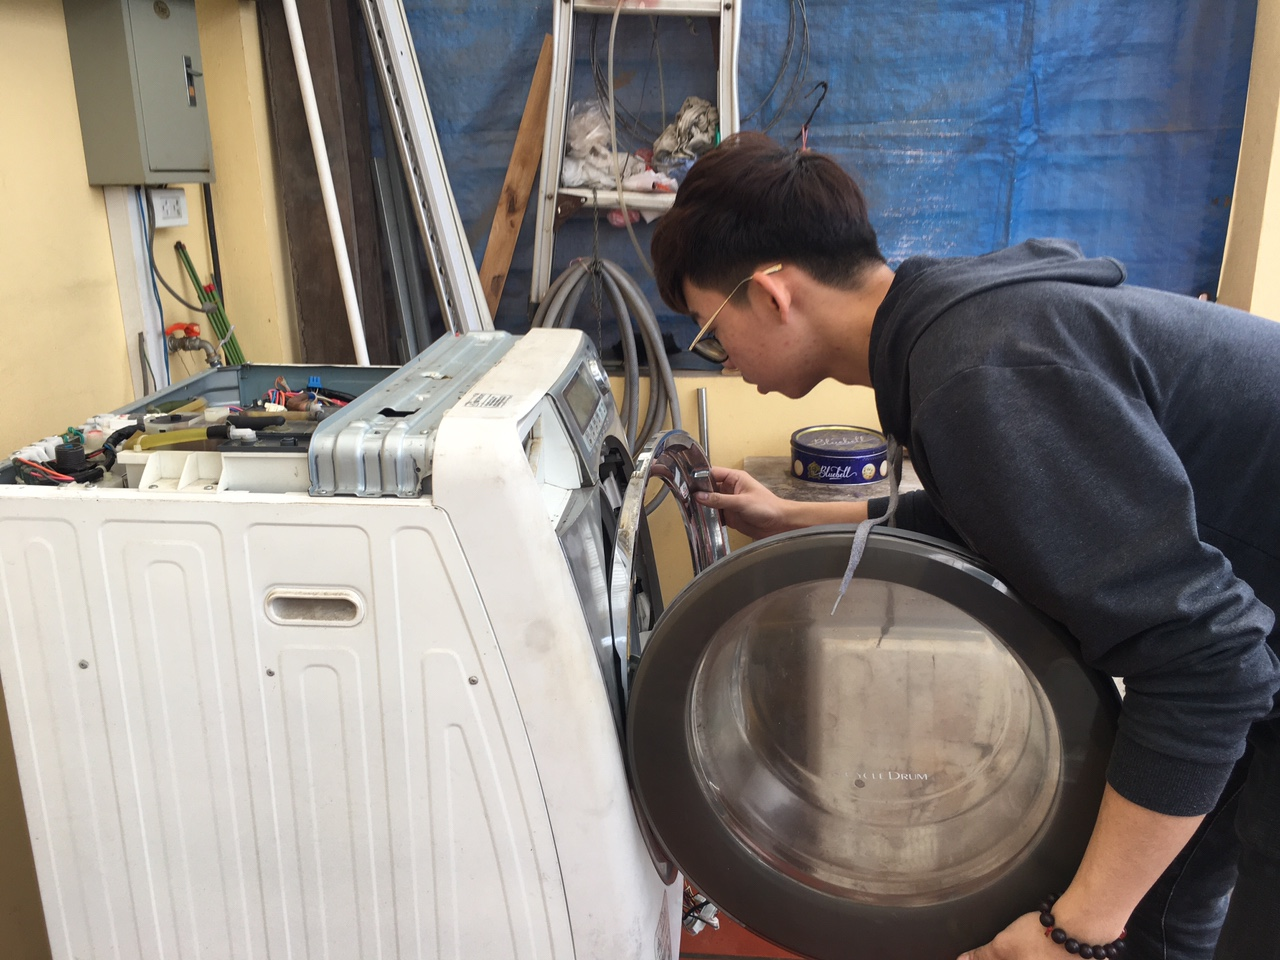 Sửa máy giặt tại Thanh Xuân | Phục vụ tận tâm, giá cả hợp lý